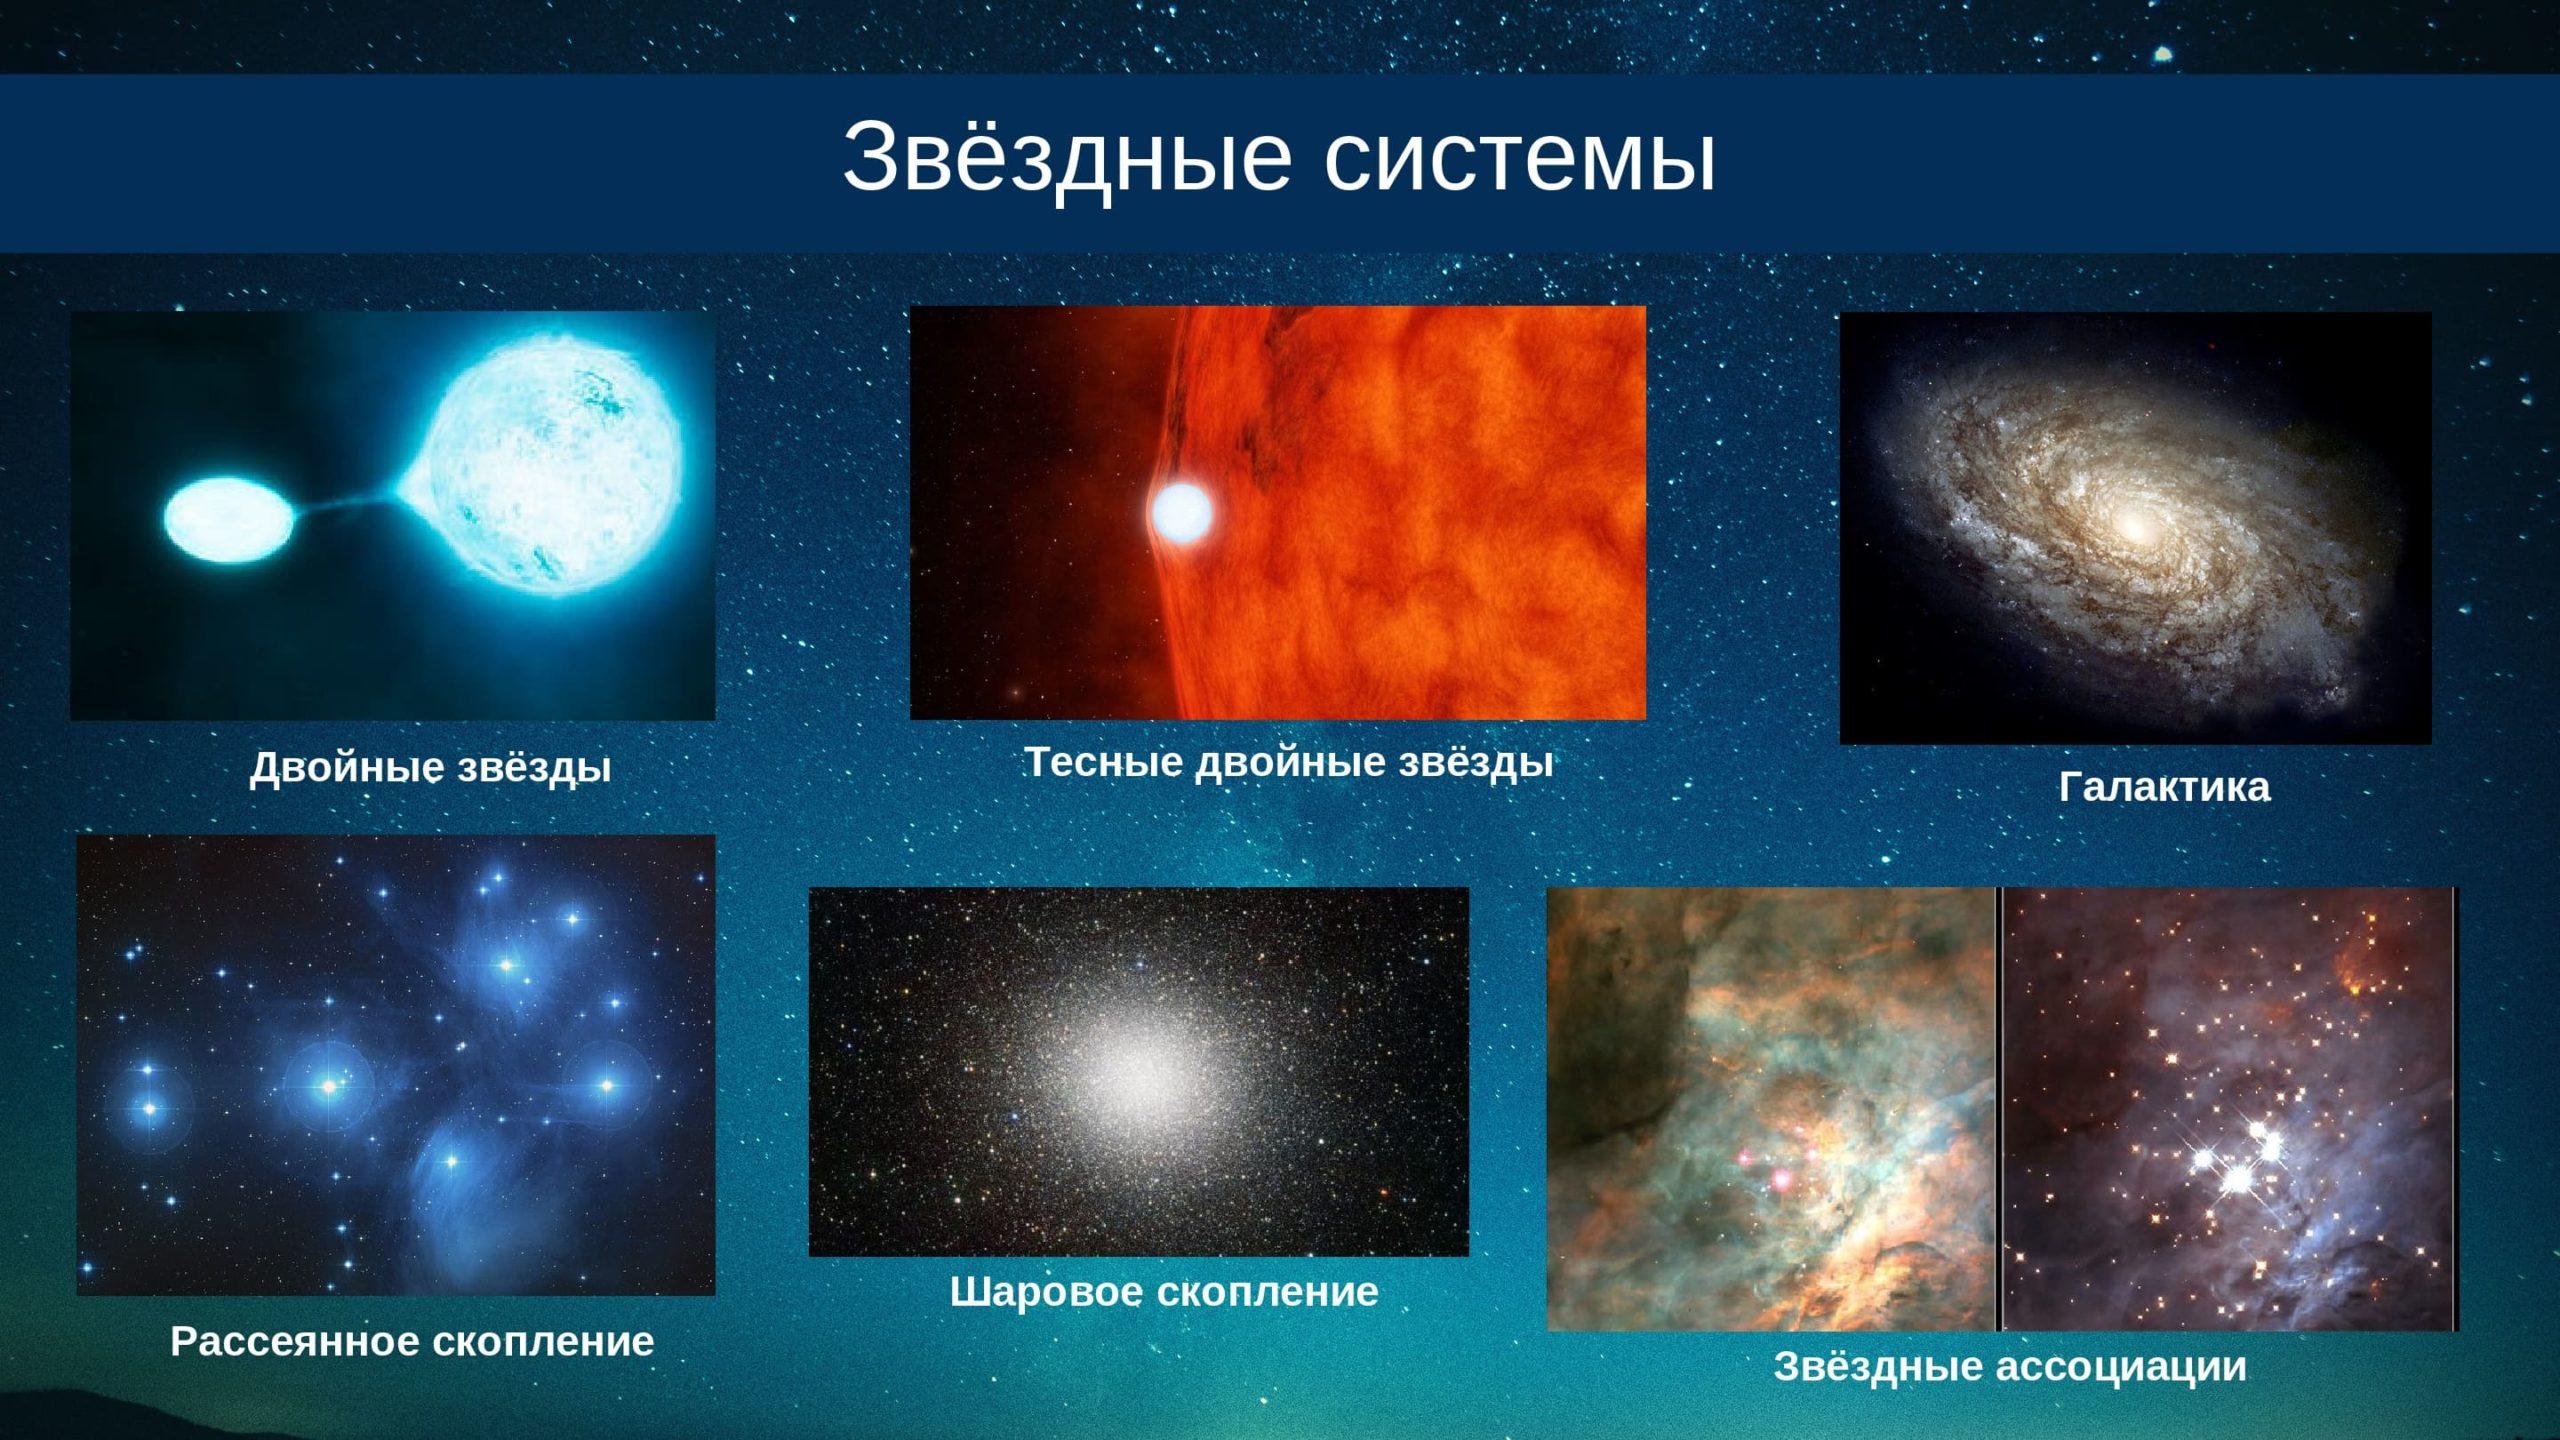 Звёздные системы